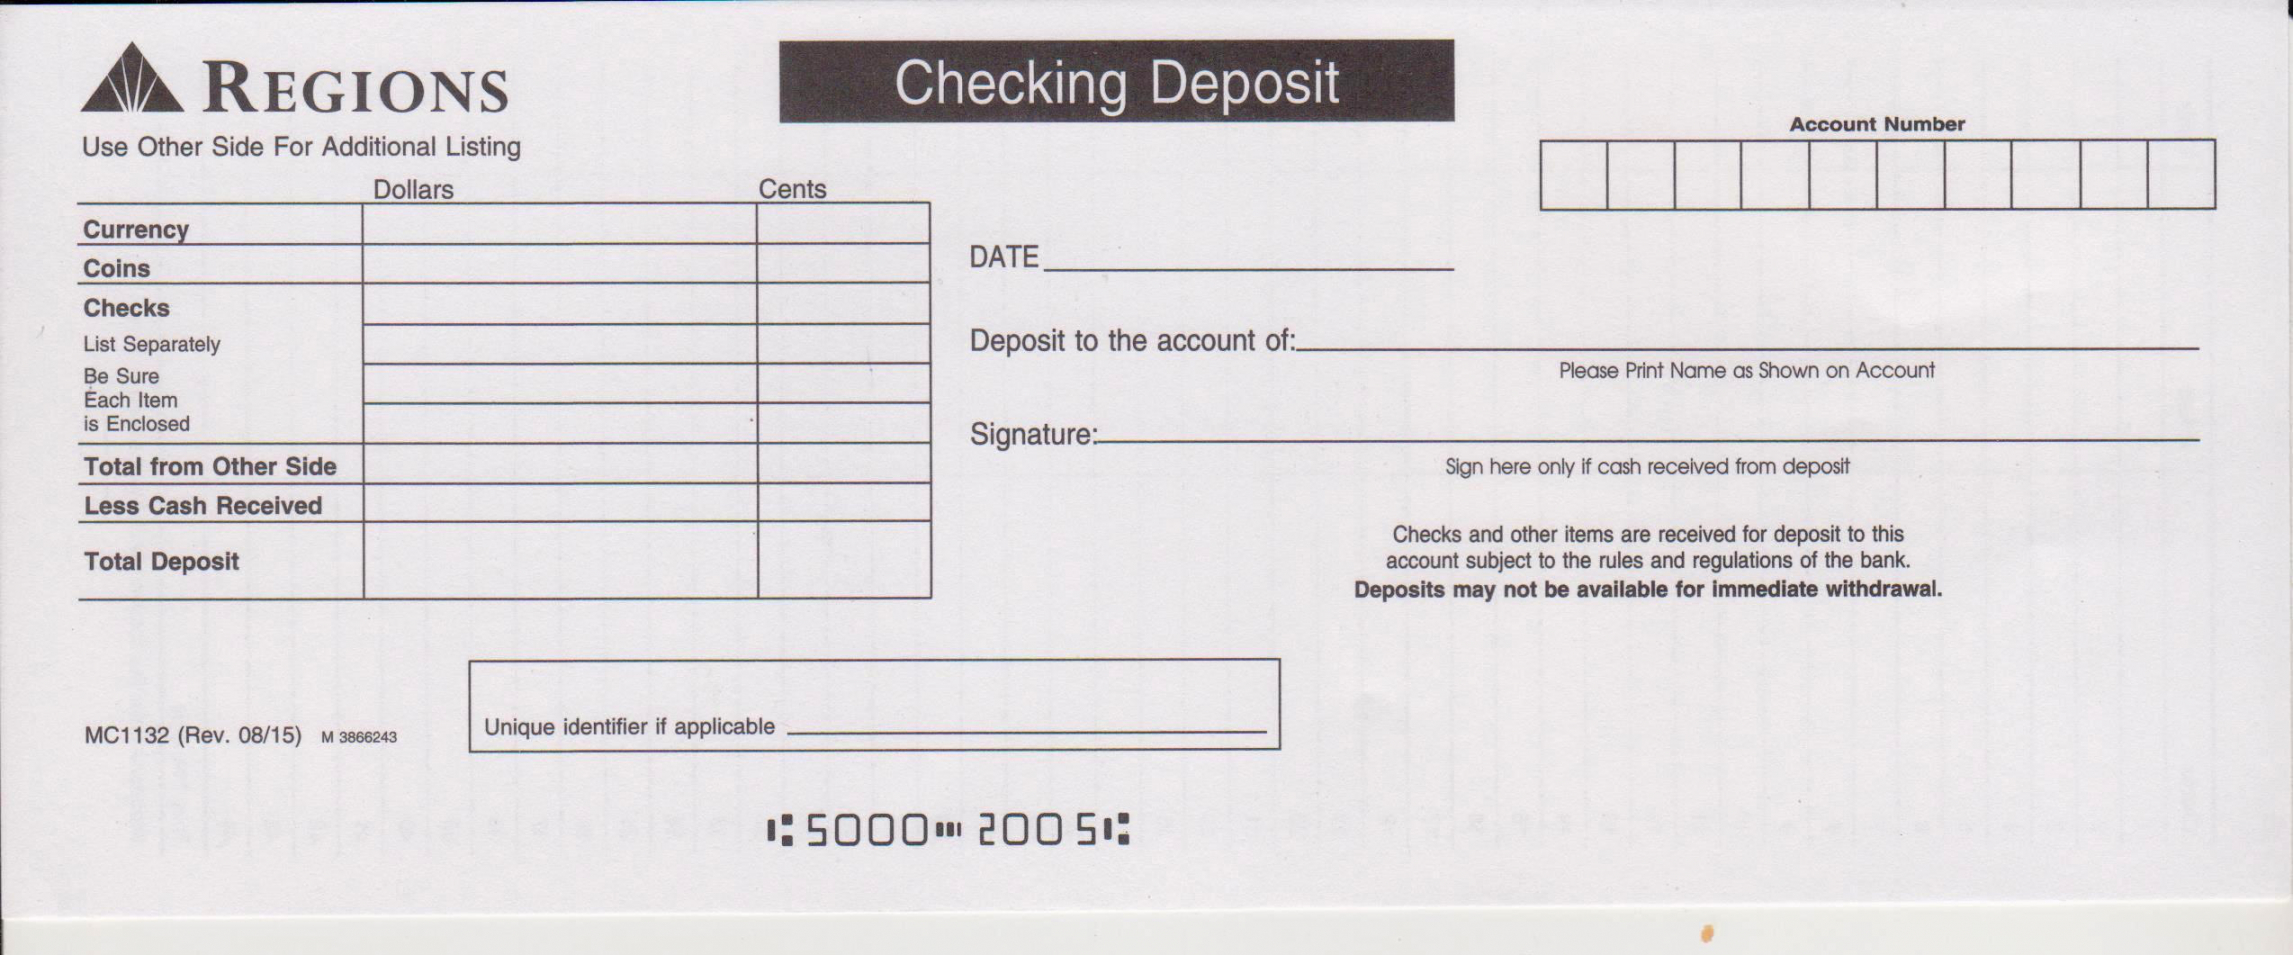 printable regions bank deposit slip  free printable template cash deposit slip template word